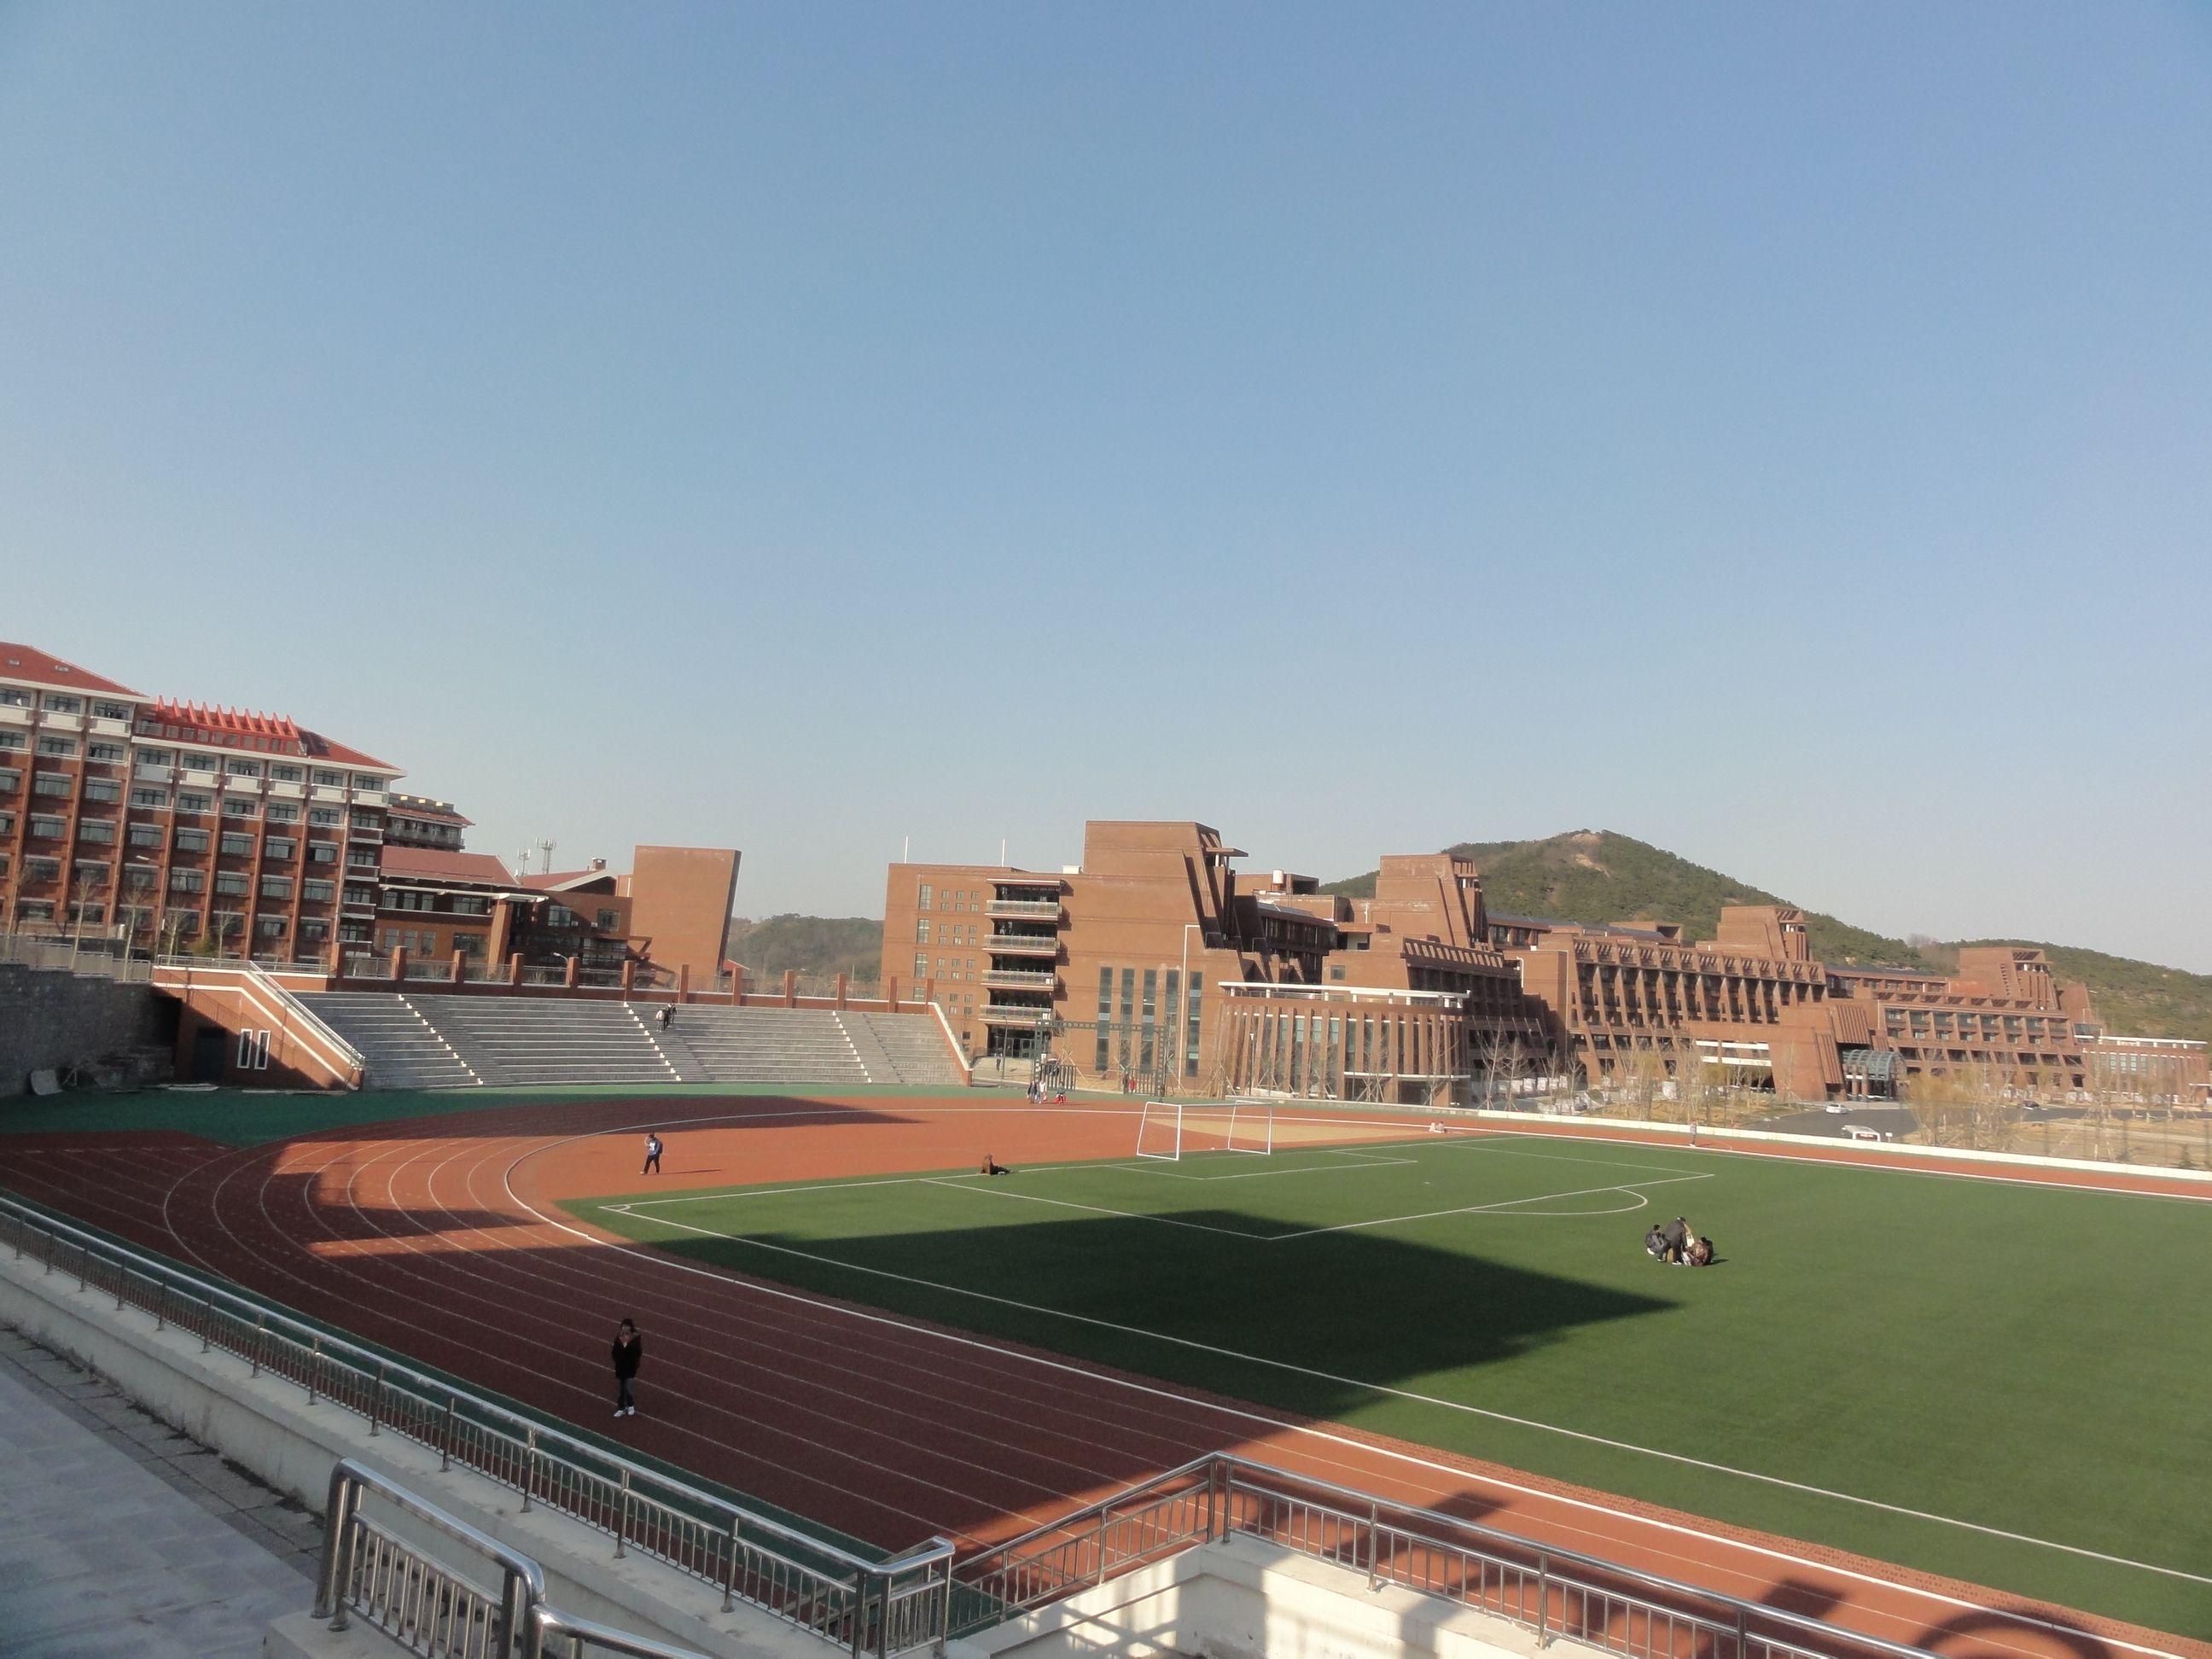 青岛理工大学黄岛新校区 已建部分图片